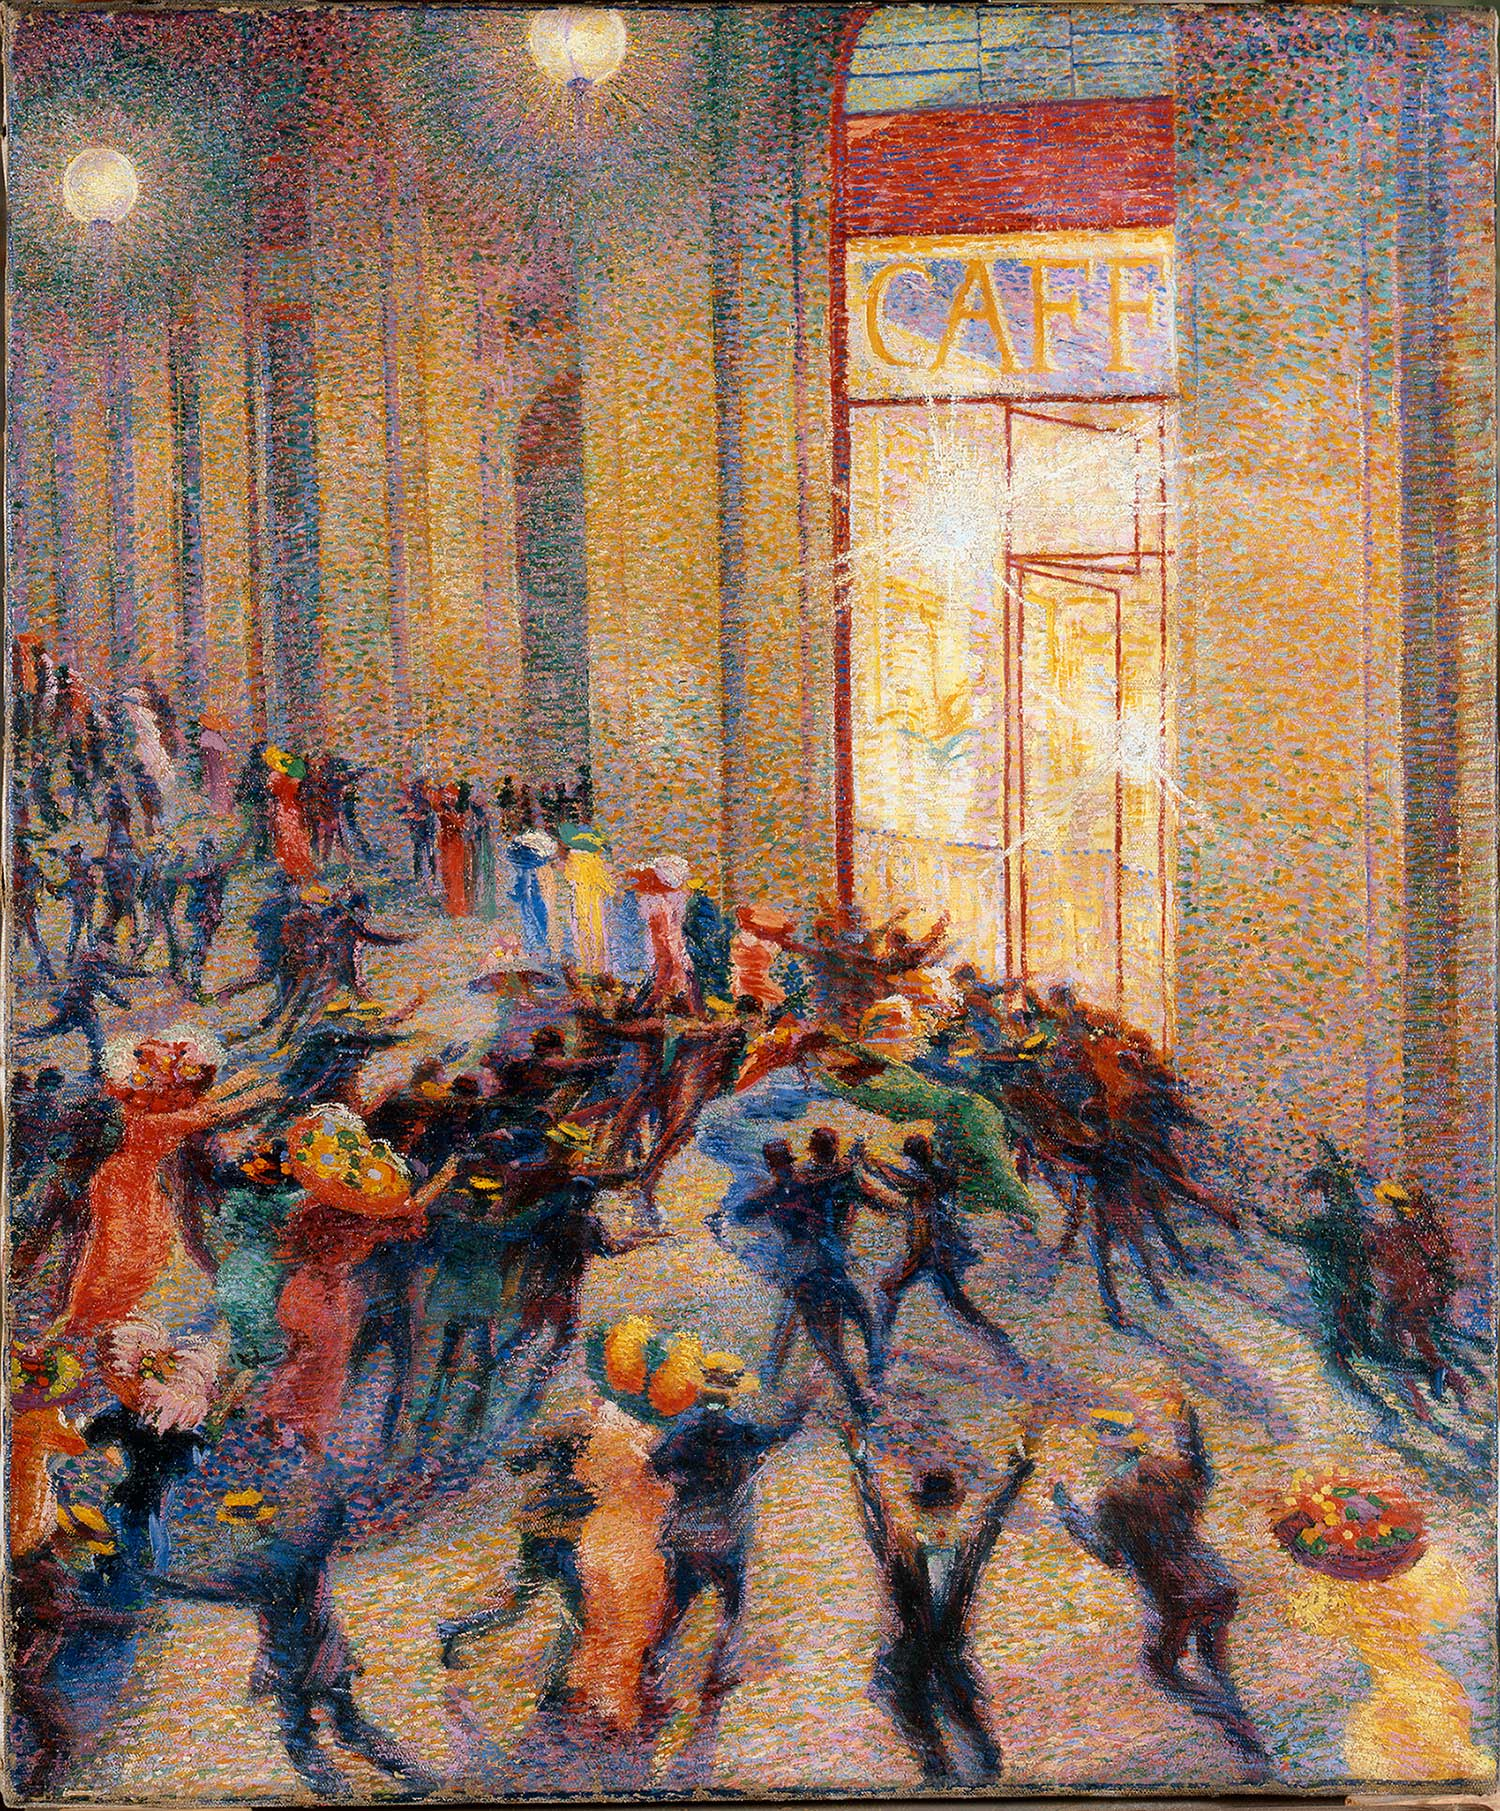 Rissa in galleria de Umberto Boccioni, 1910 (Pinacoteca di Brera, Milano